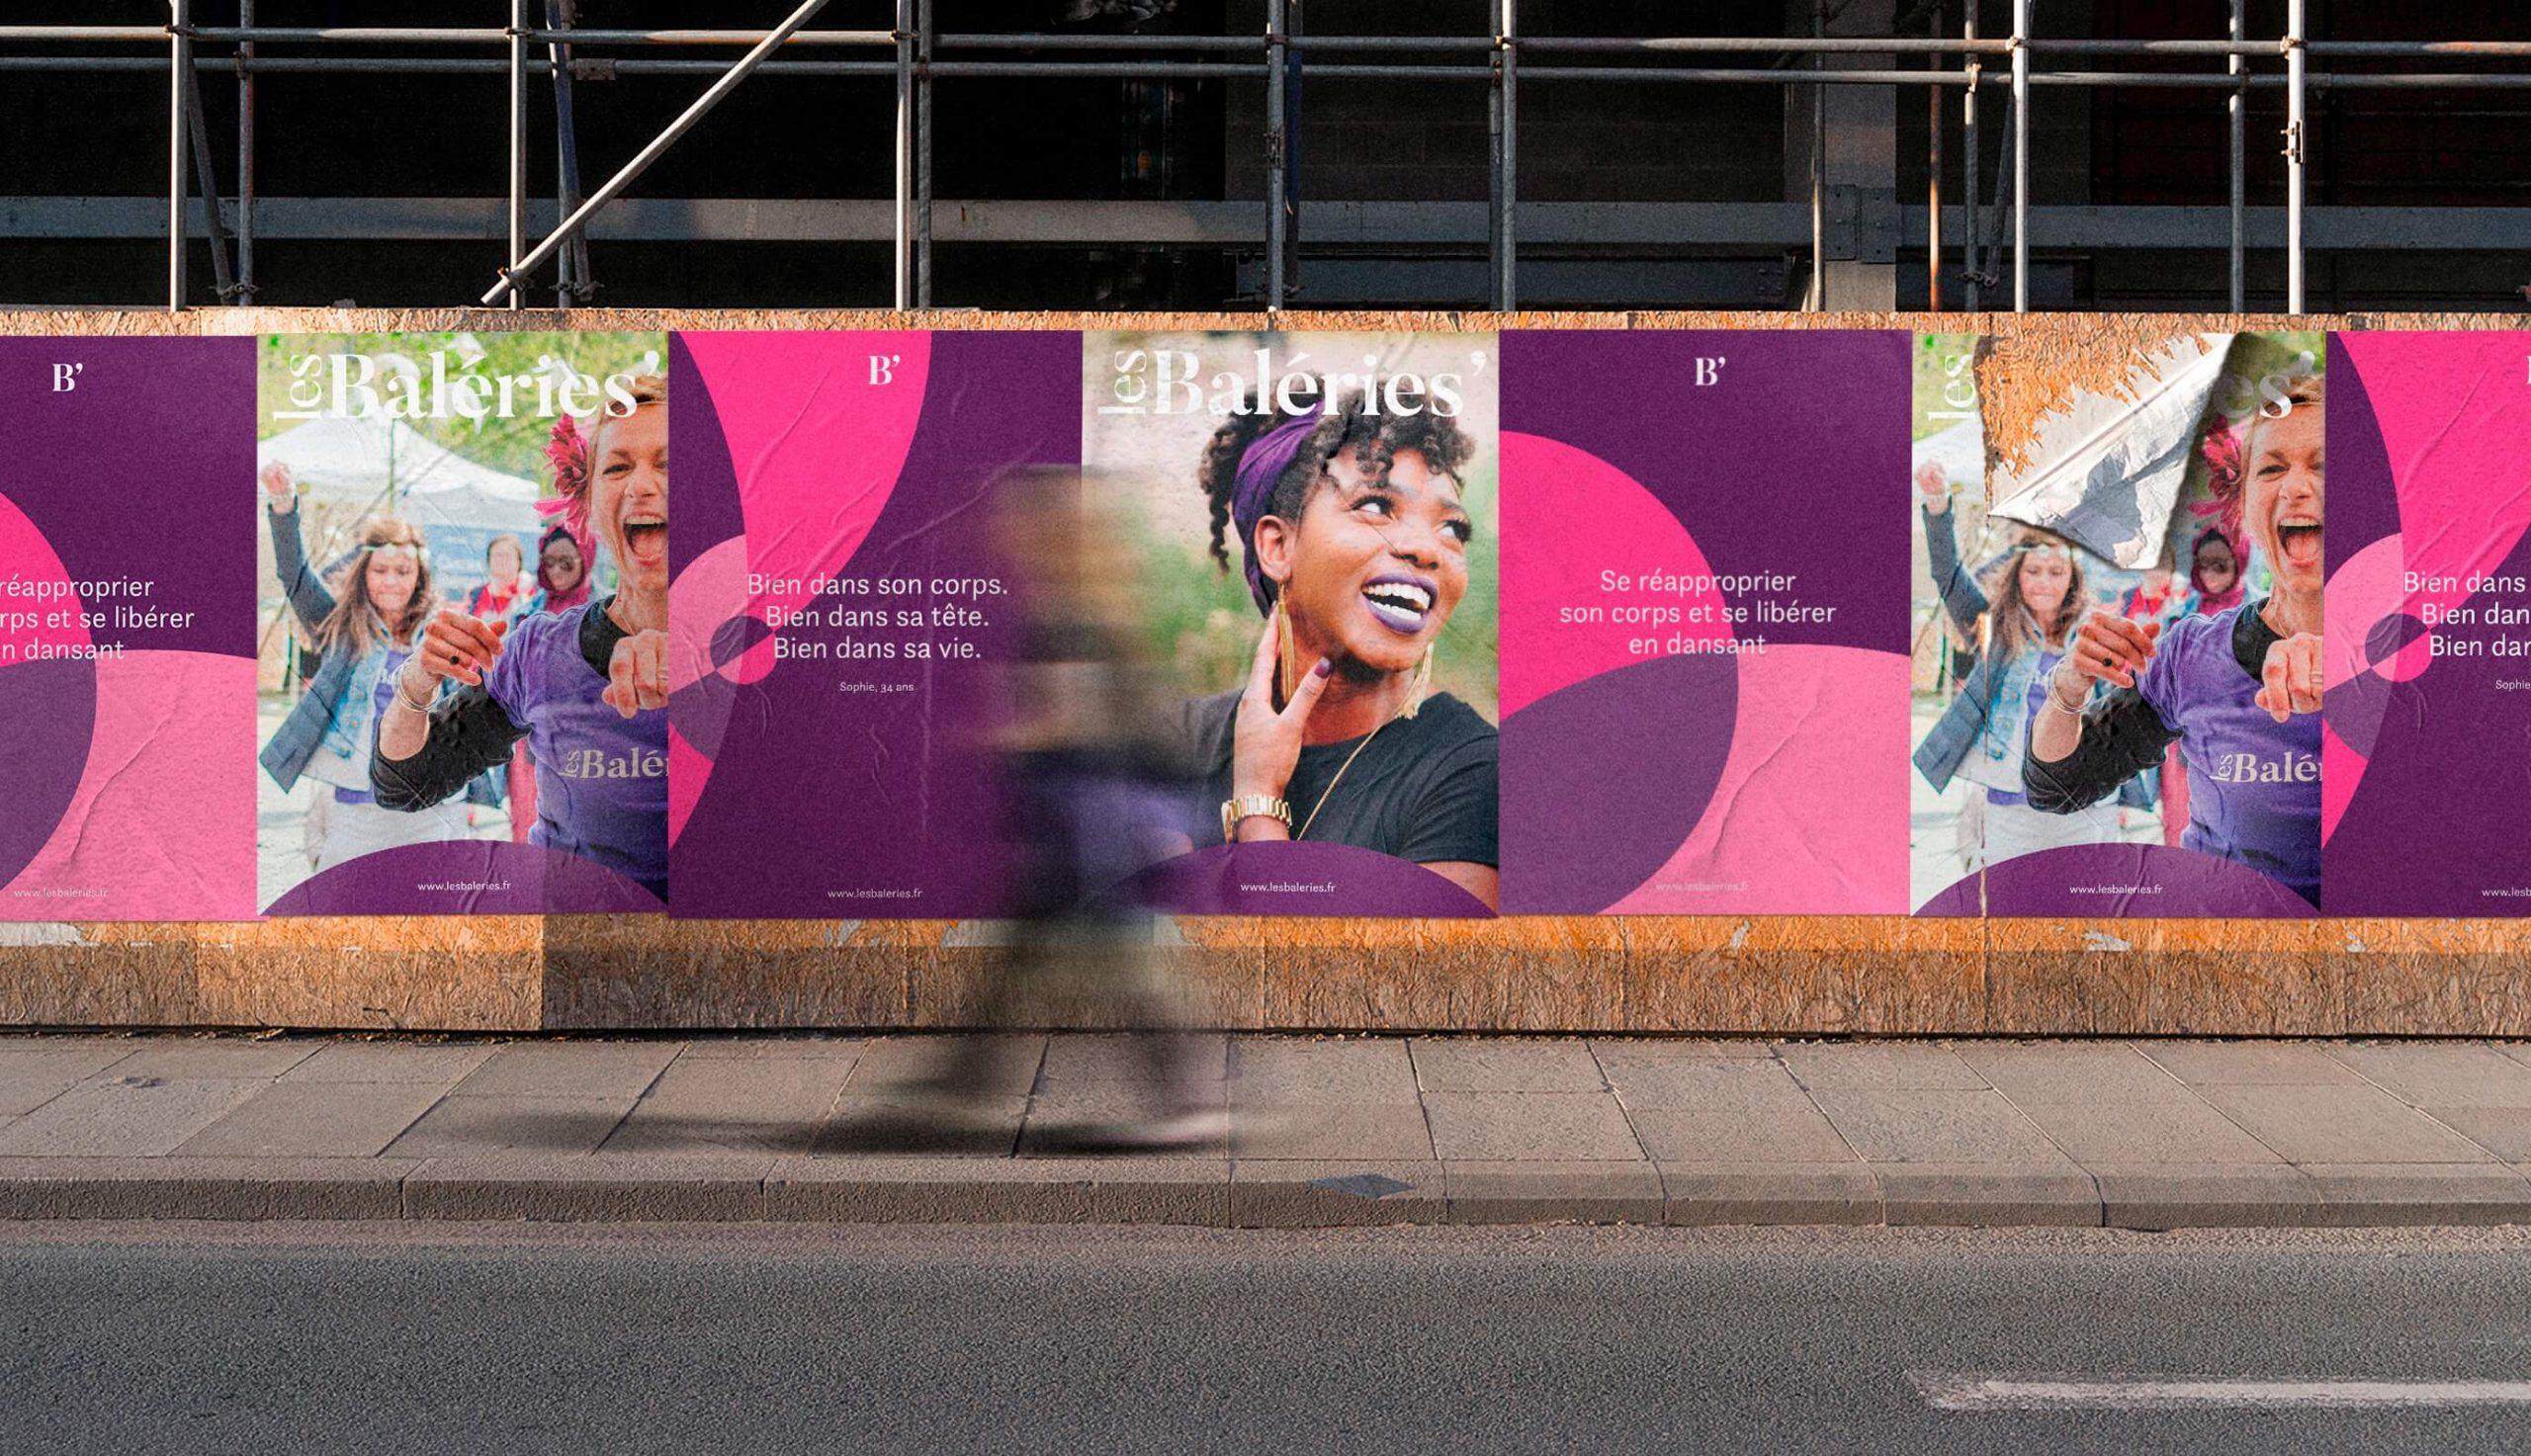 Affiches sauvages dans la rue pour presenter l'association Les Baleries de Valerie Jeuffroy